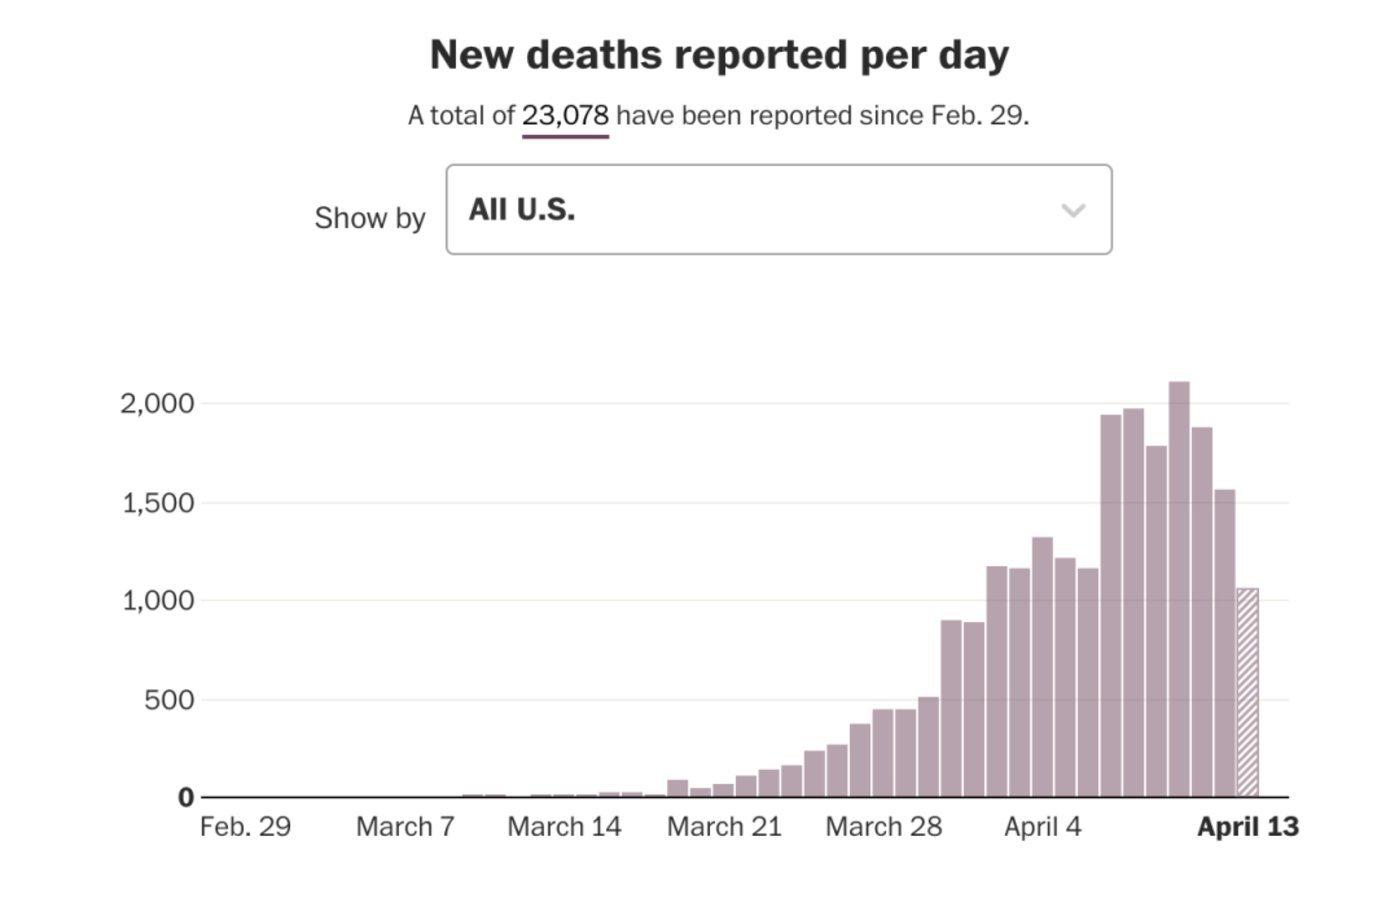 美国单日新增死亡病例趋势图,来源:《华盛顿邮报》官网截图